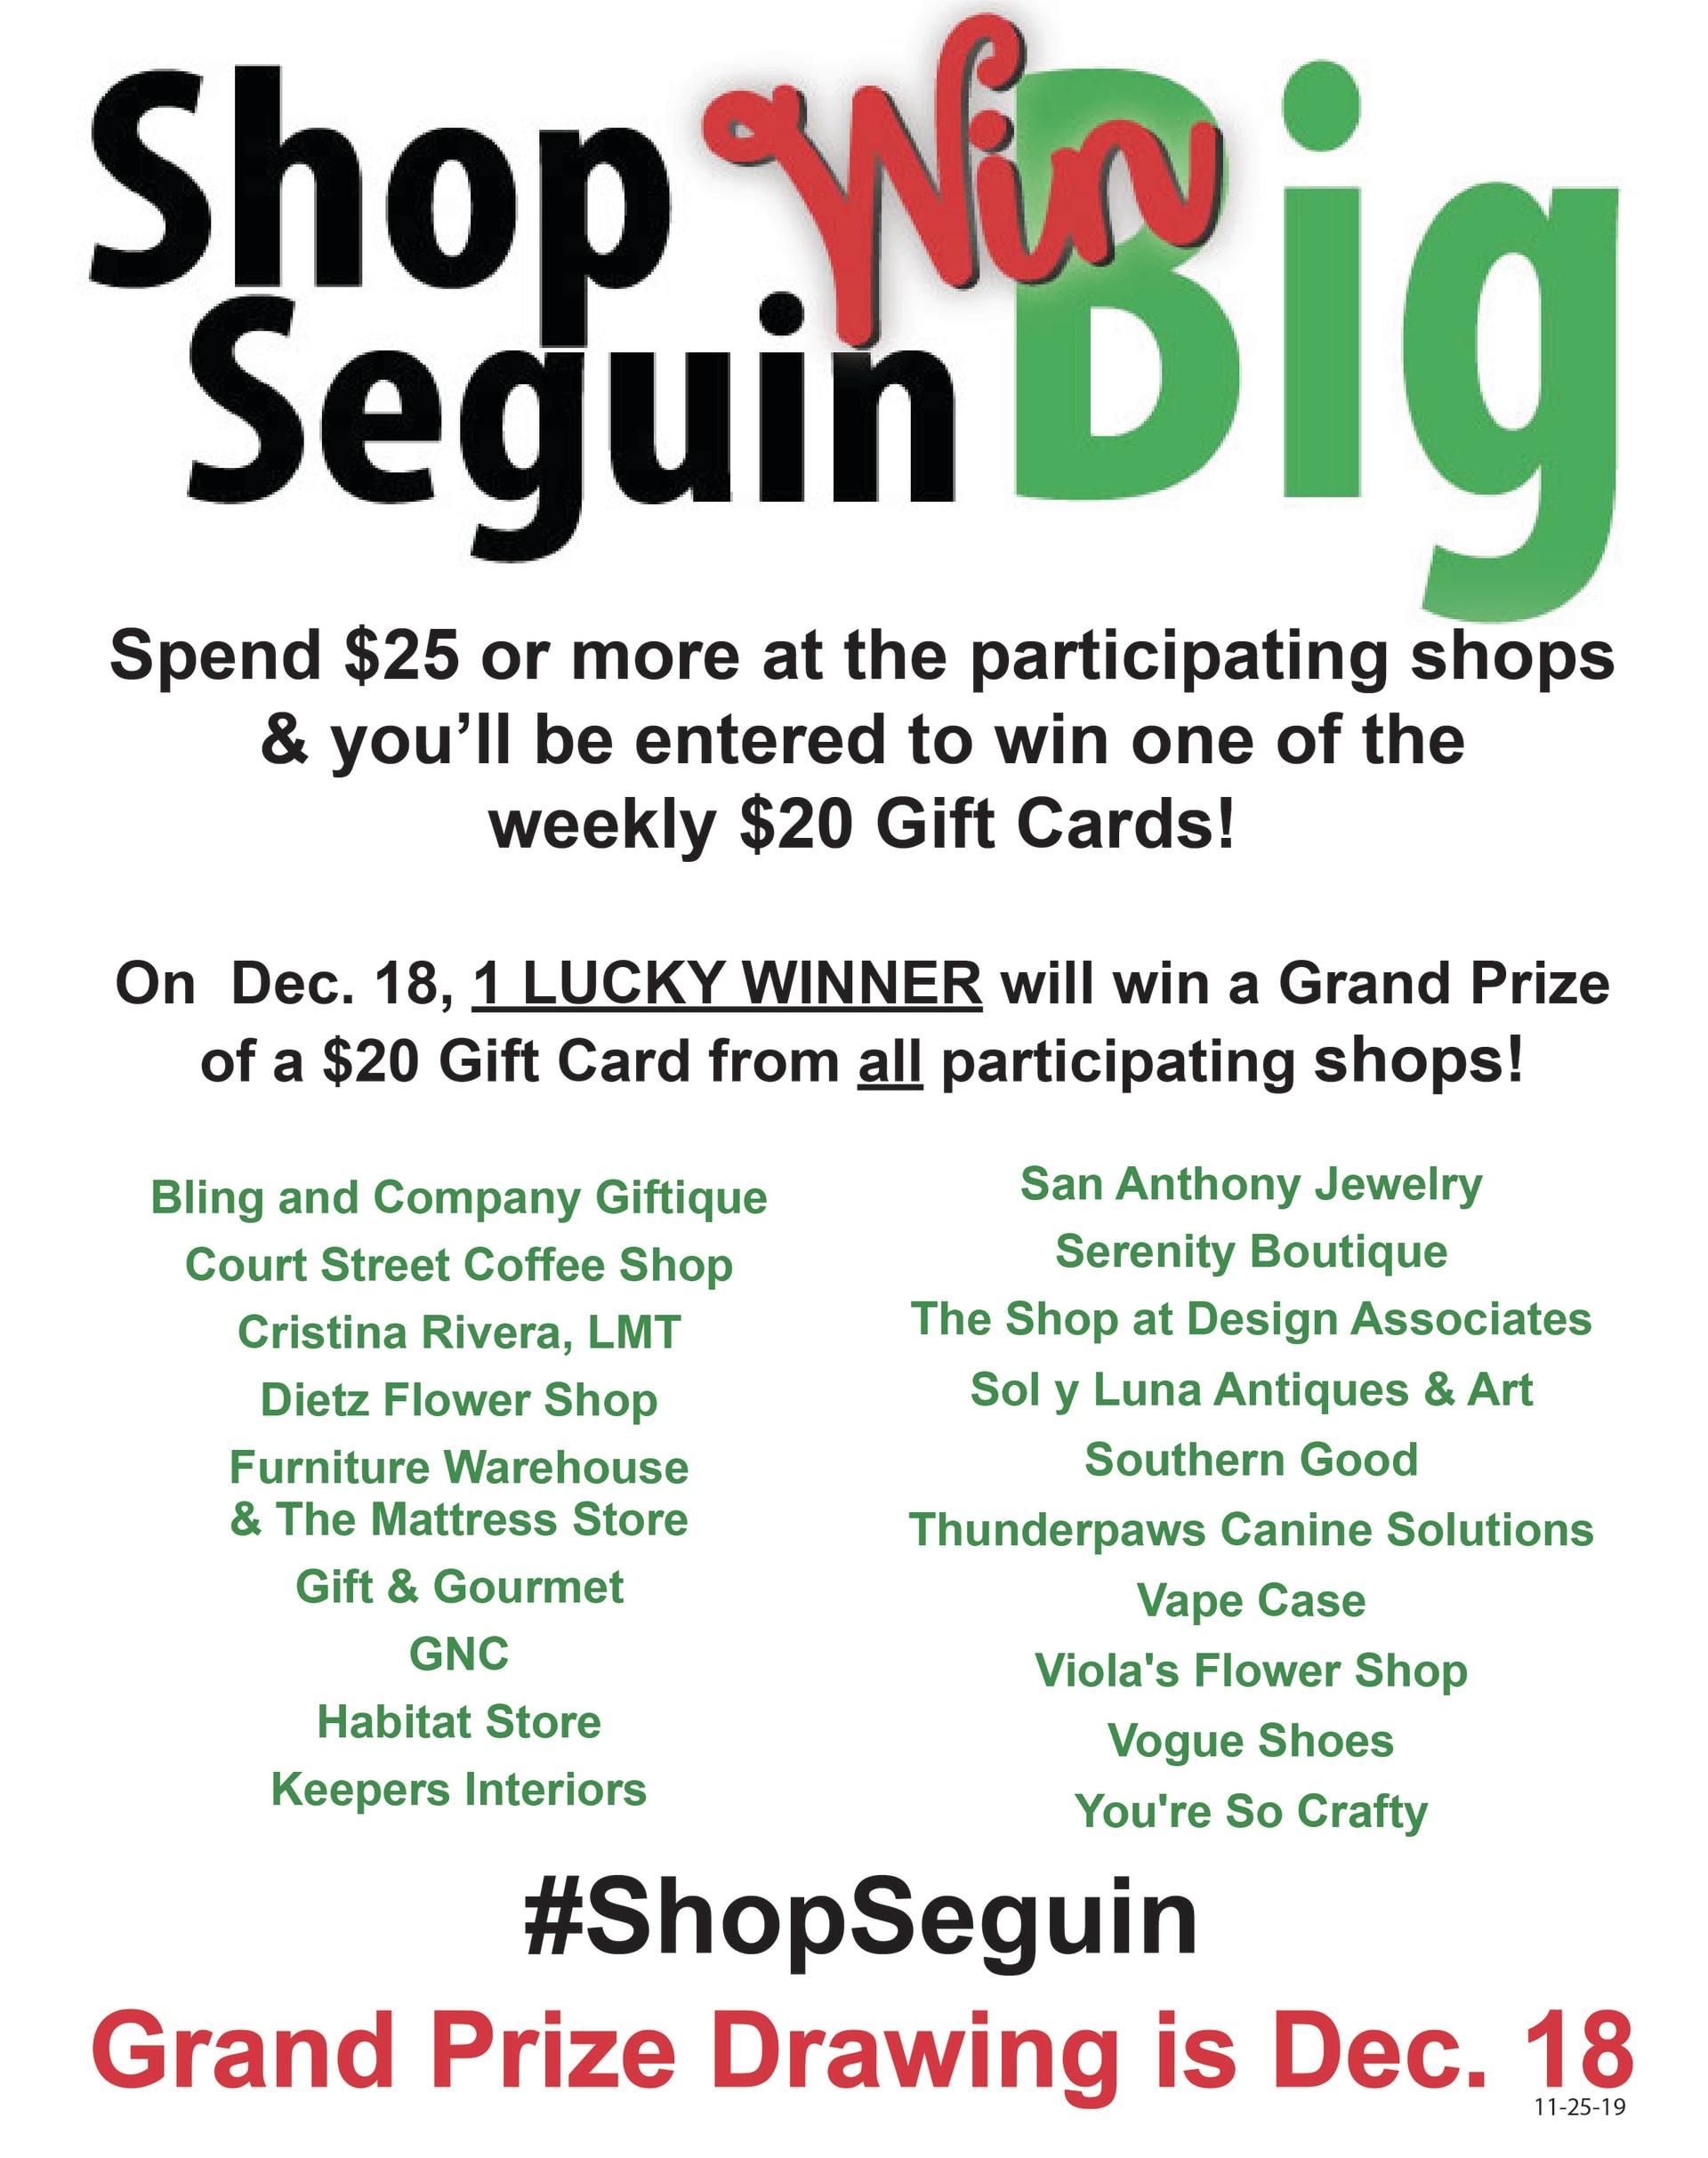 Shop Seguin Win Big